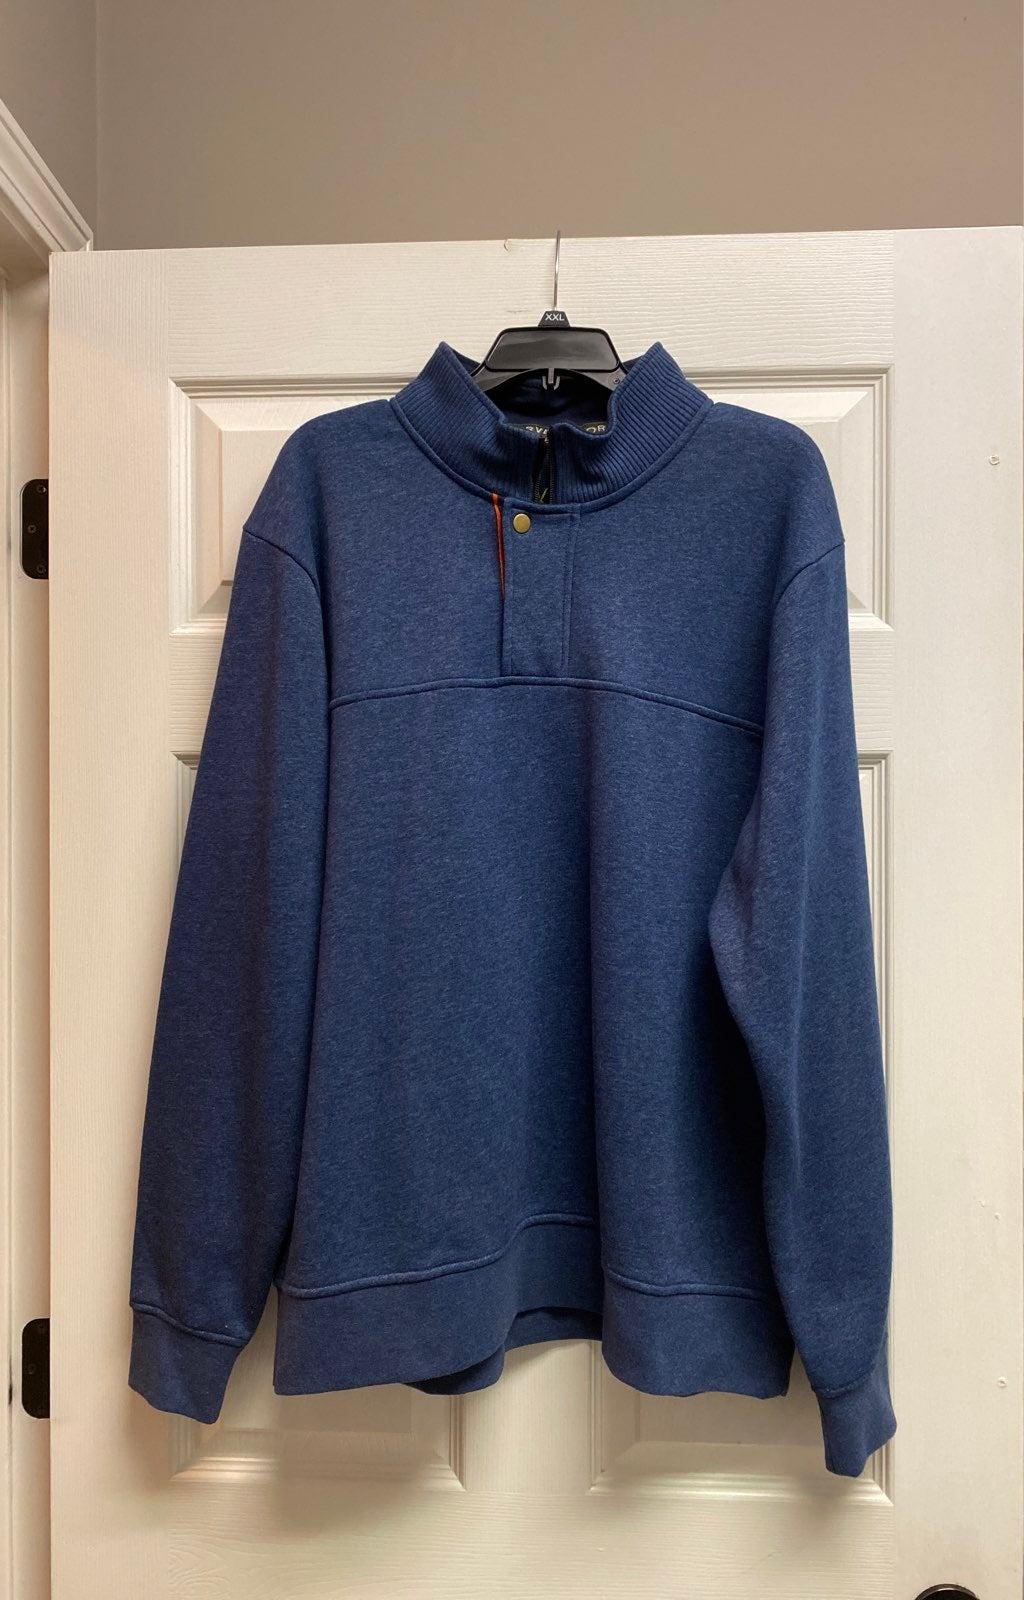 Orvis sweater 1/4 zip